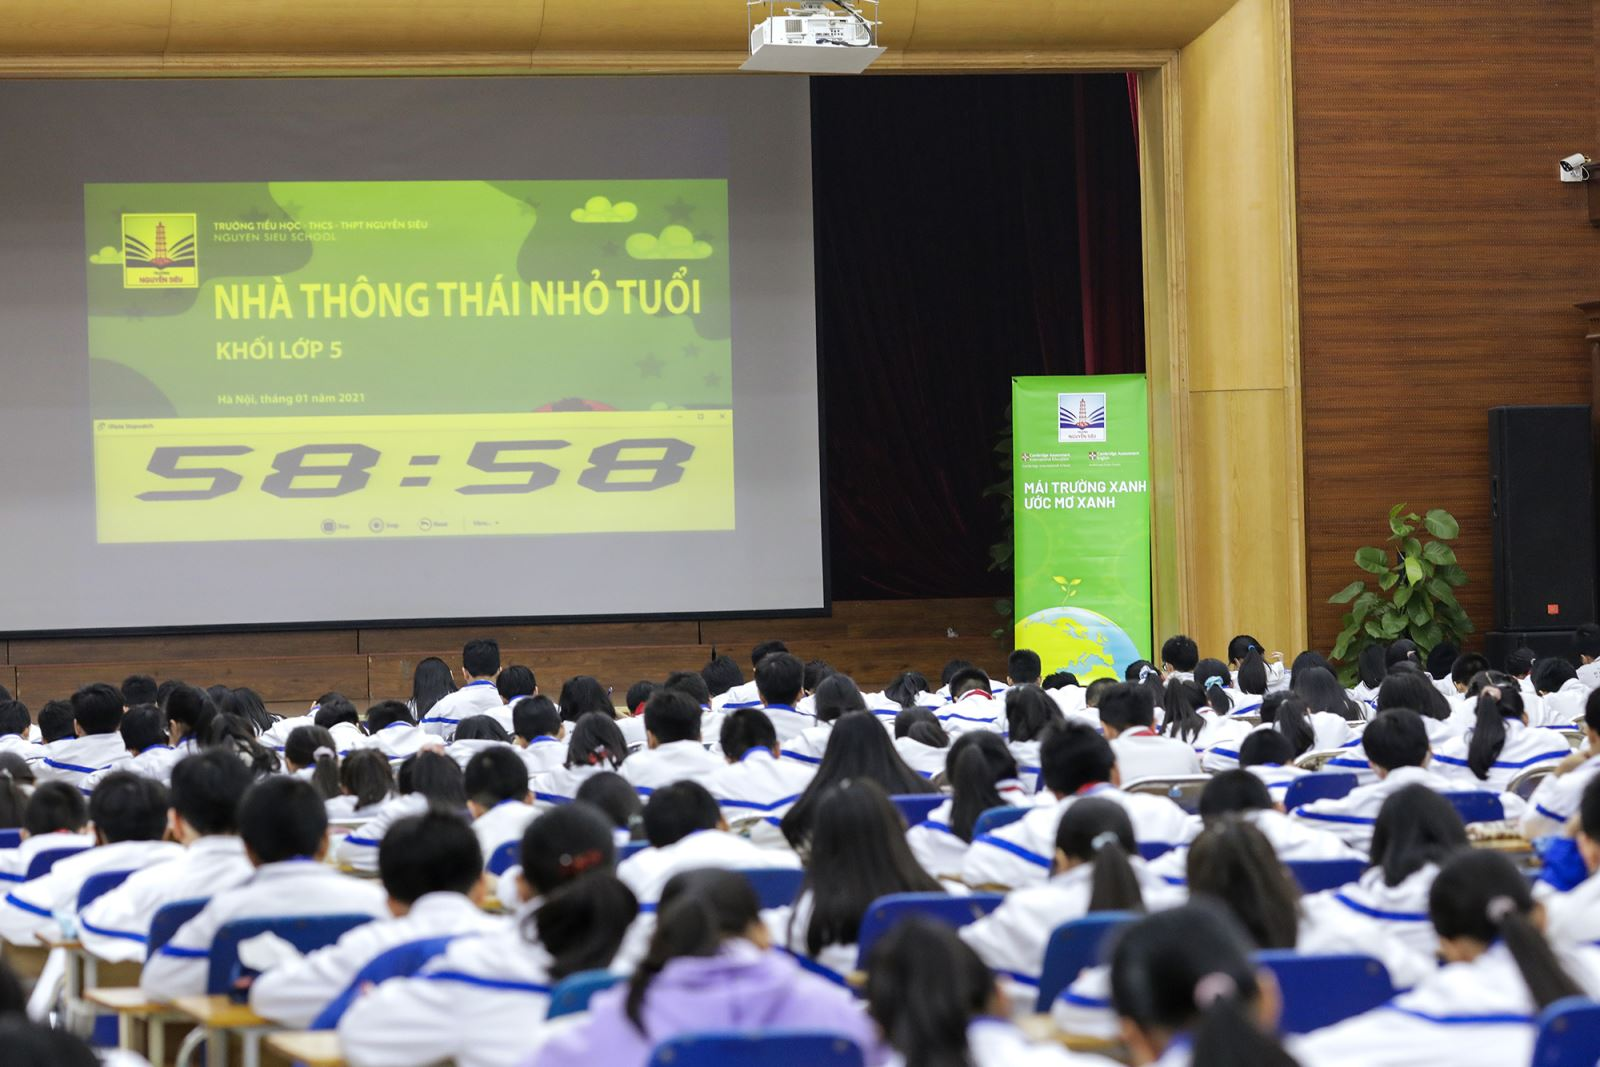 Cuộc thi dành cho những nhà thông thái khối 4, 5